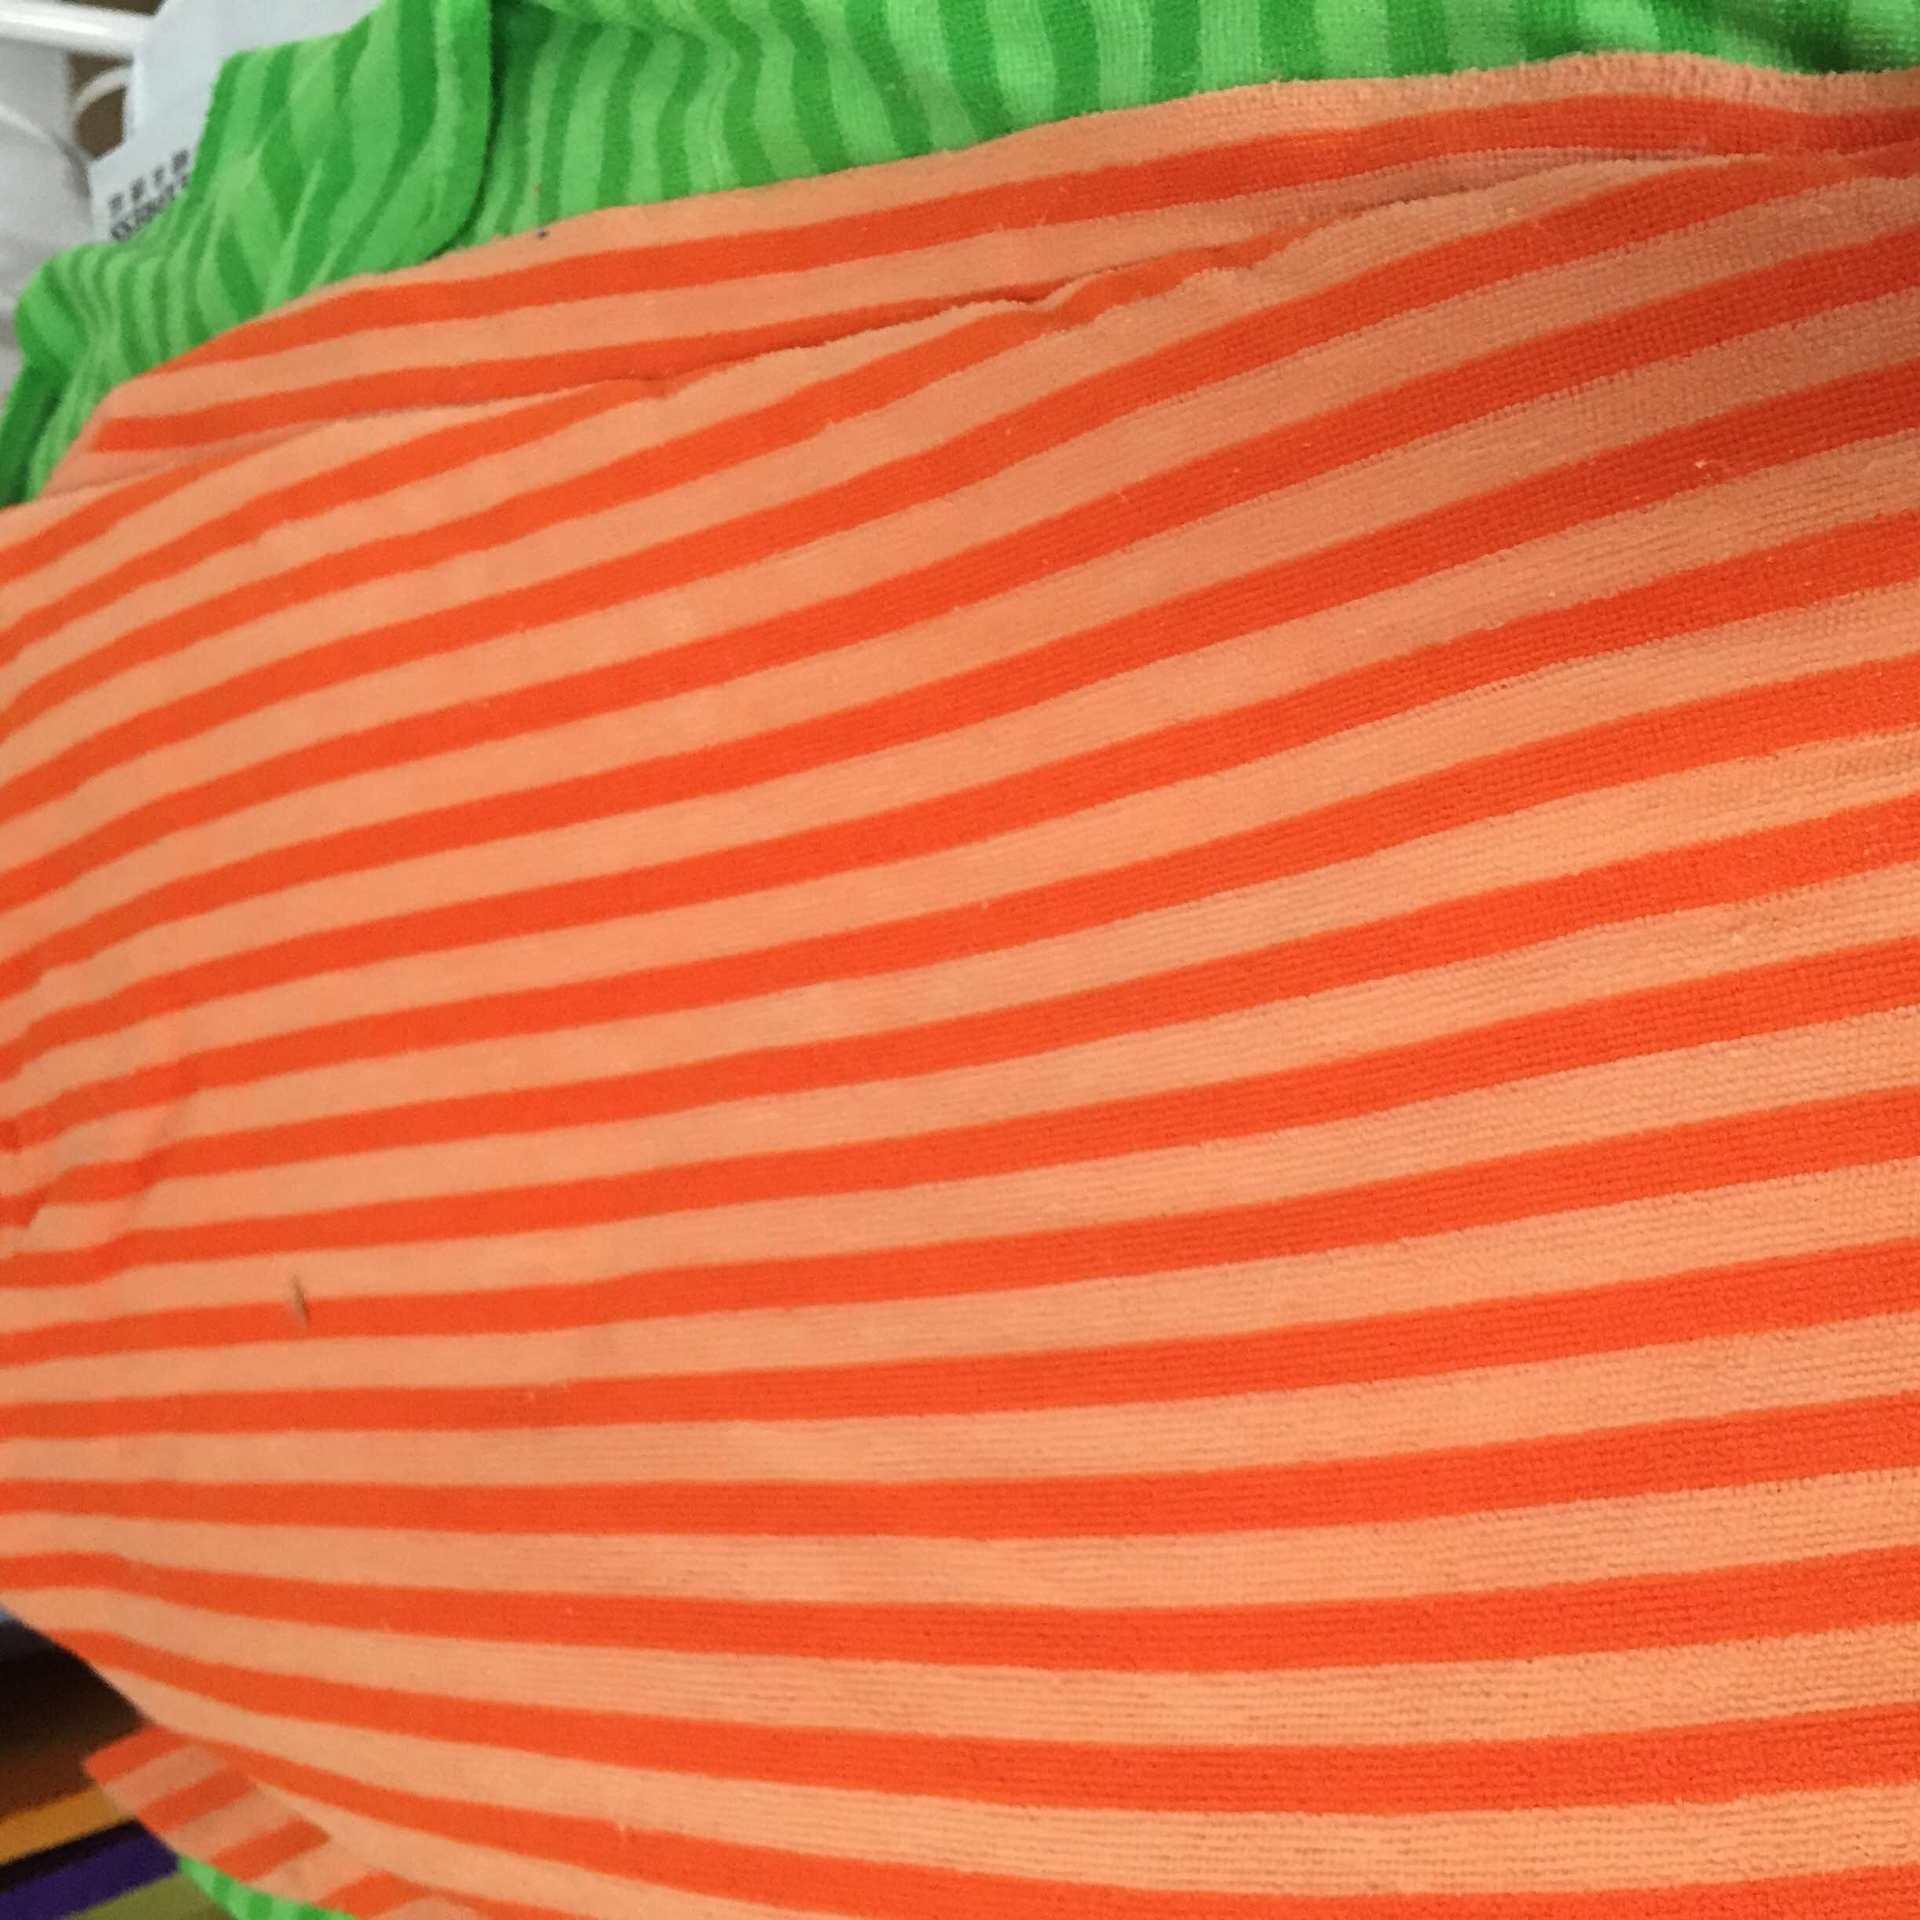 gột Cẩm spun vải mộc. sợi nhân tạo vải mộc cả gột vải 6 trống 6